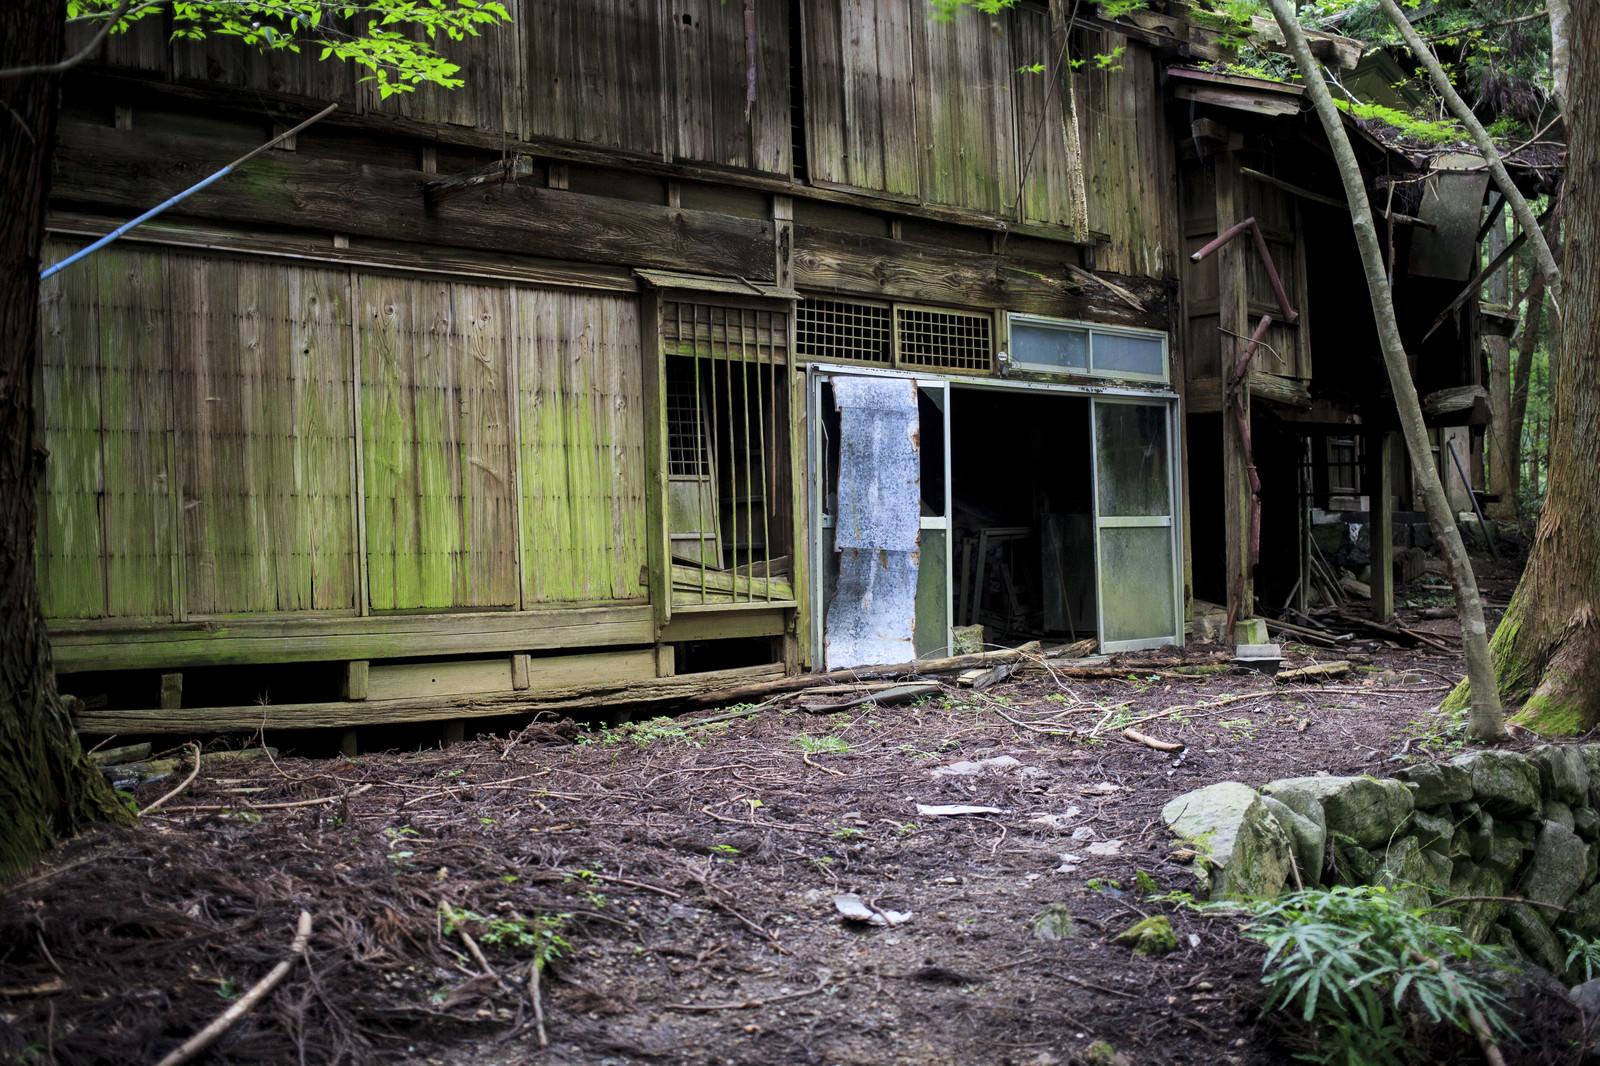 「ホラーゲームの舞台になった廃村」の写真